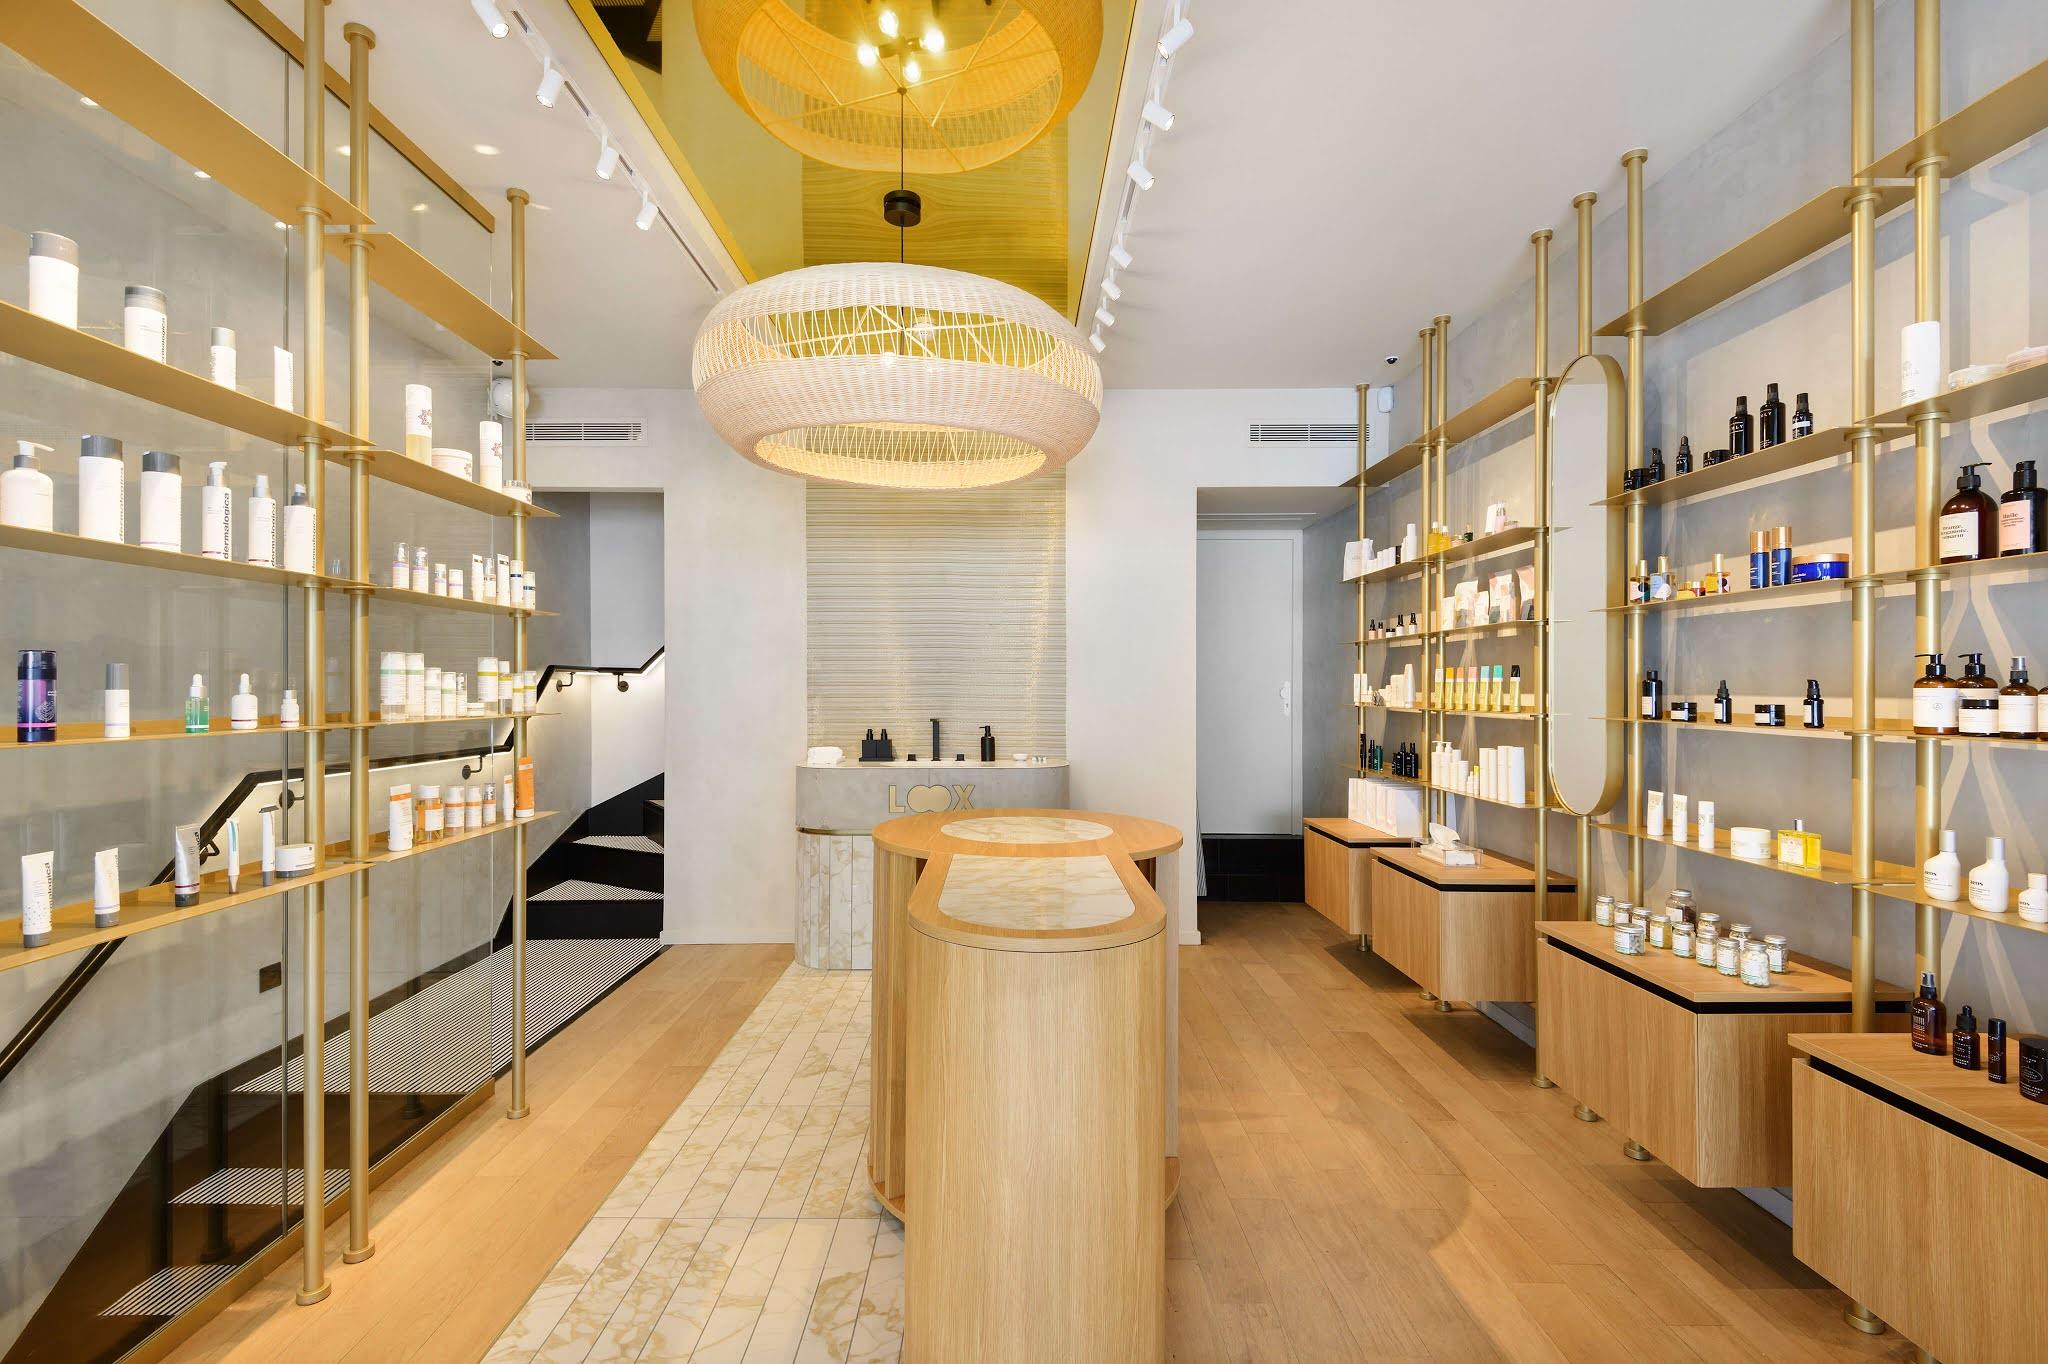 Loox Boutique Paris